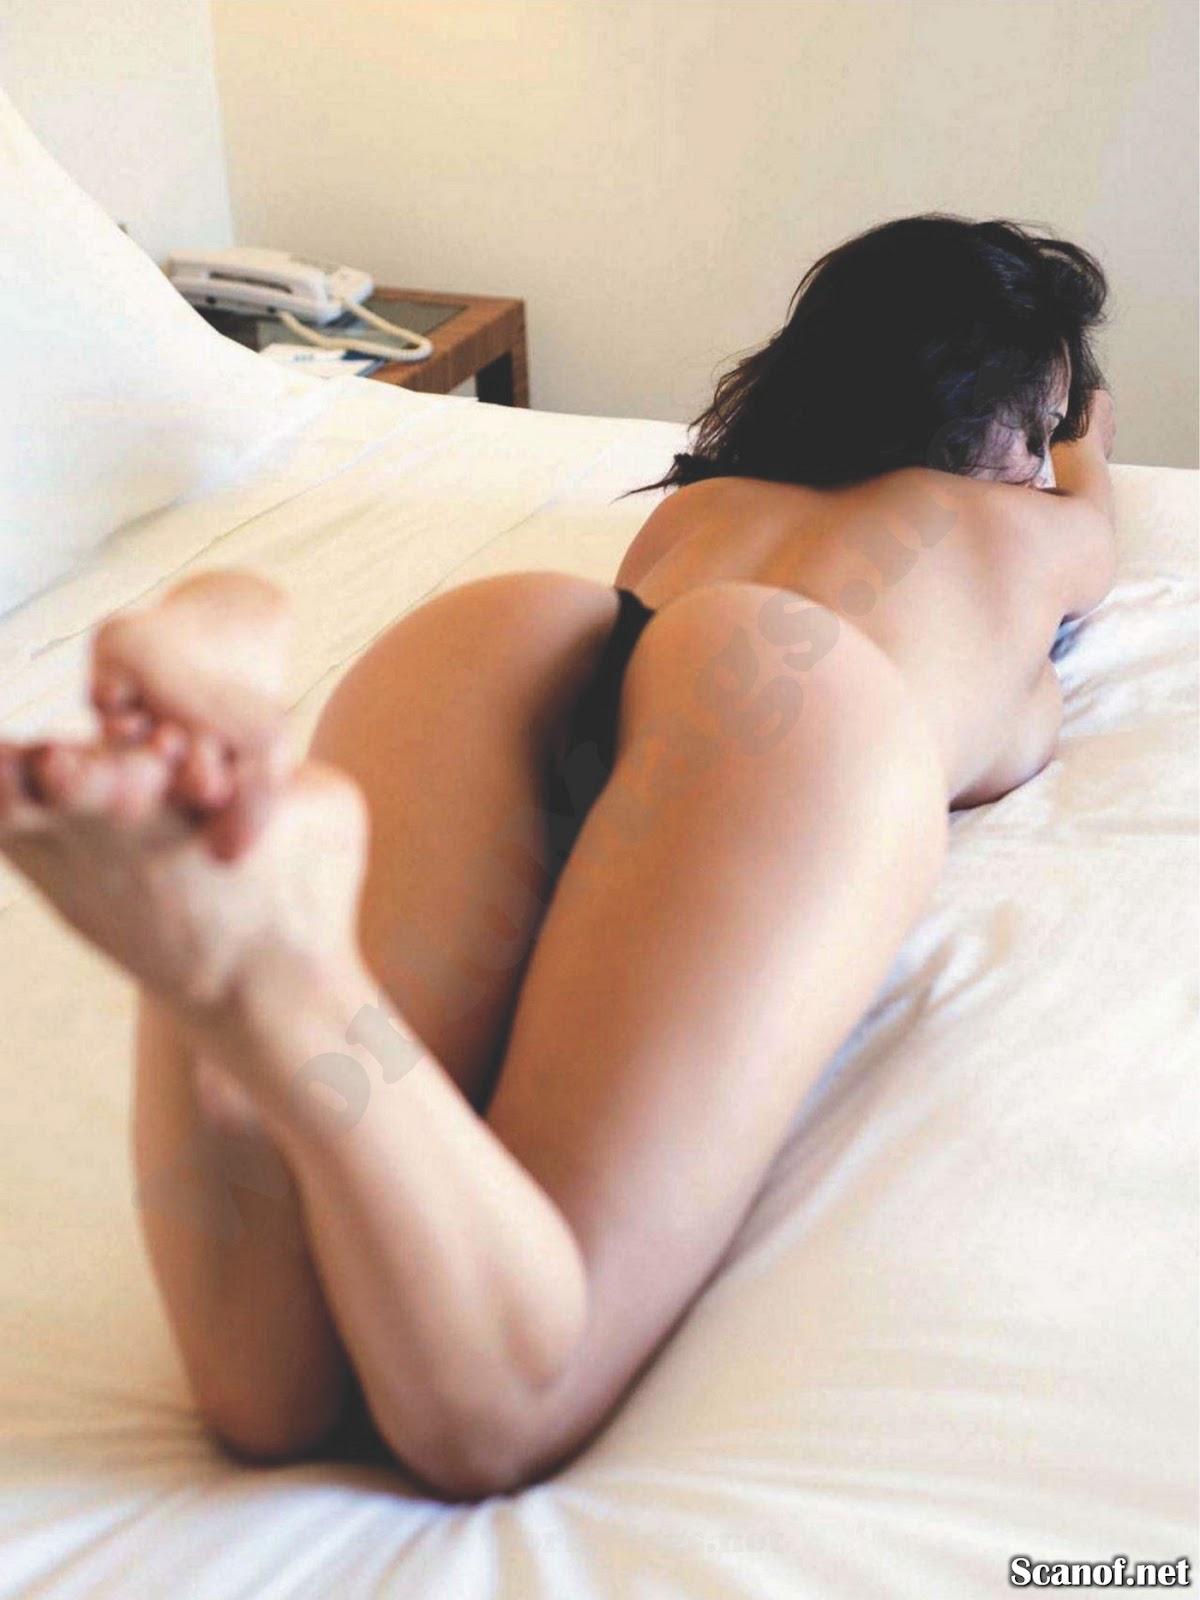 cristina del basso nude